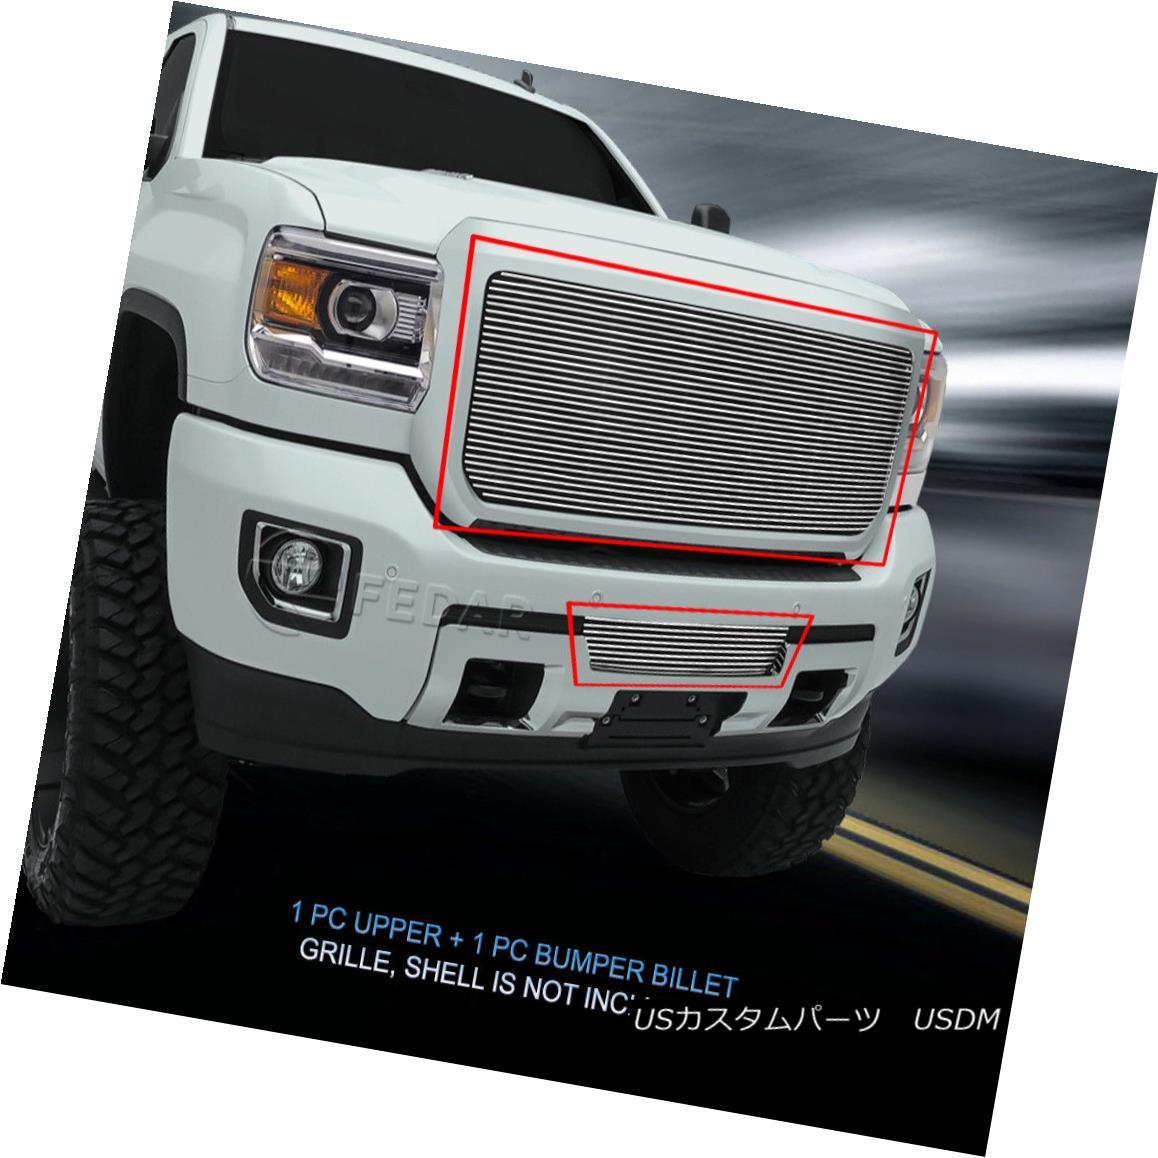 グリル Fits 2015-2017 GMC Sierra 2500HD/3500HD Billet Grille Combo Grill Insert Fedar フィット2015-2017 GMC Sierra 2500HD / 3500HDビレットグリルコンボグリルインサートフェルダー